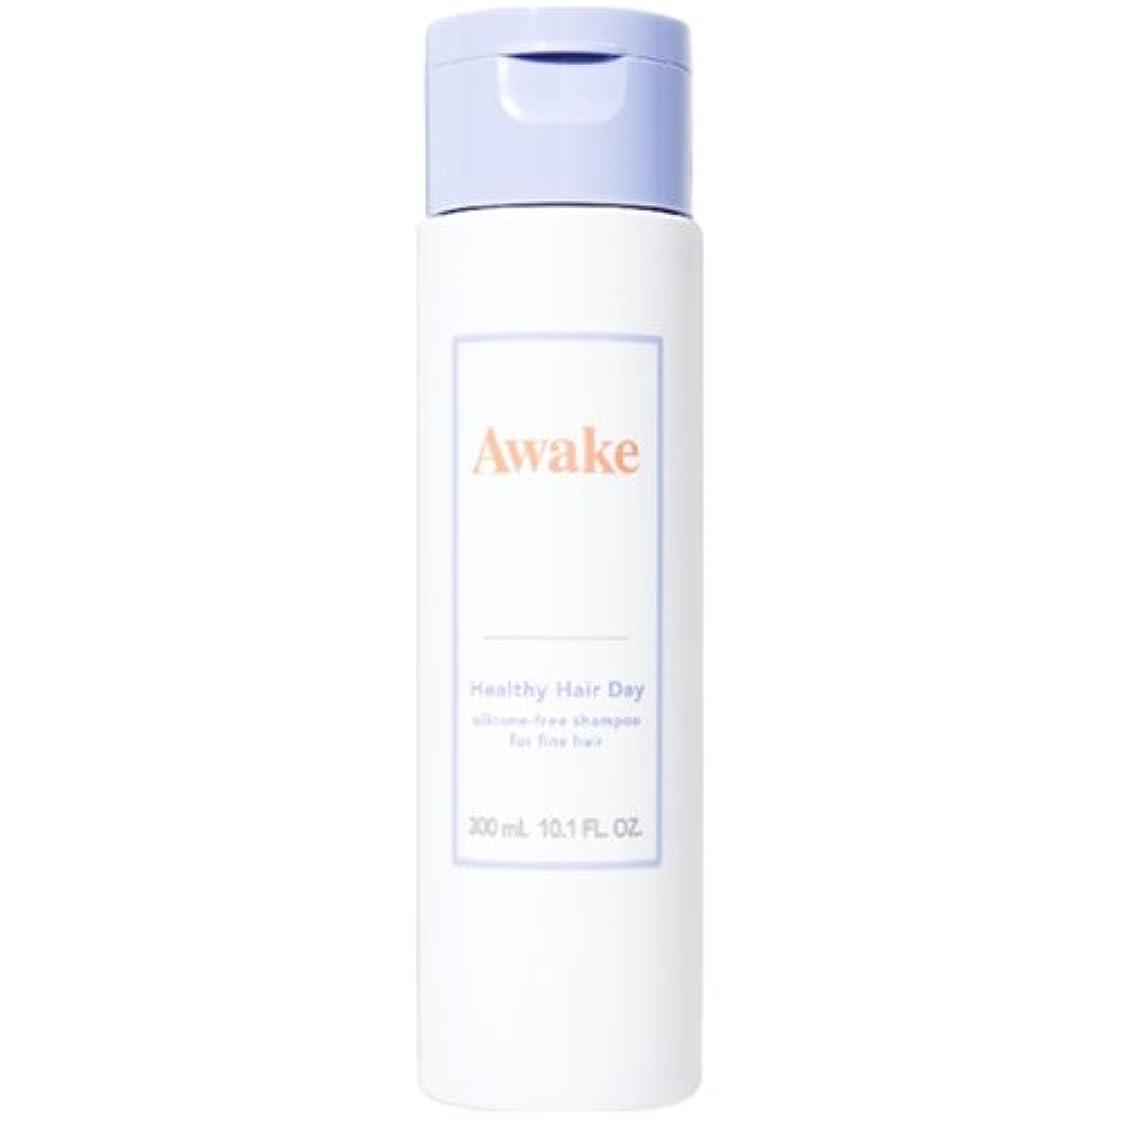 受け入れたカロリーポンペイアウェイク(AWAKE) Awake(アウェイク) ヘルシーヘアデイ シリコーンフリー ヘアシャンプー ハリコシアップヘア用 (300mL)